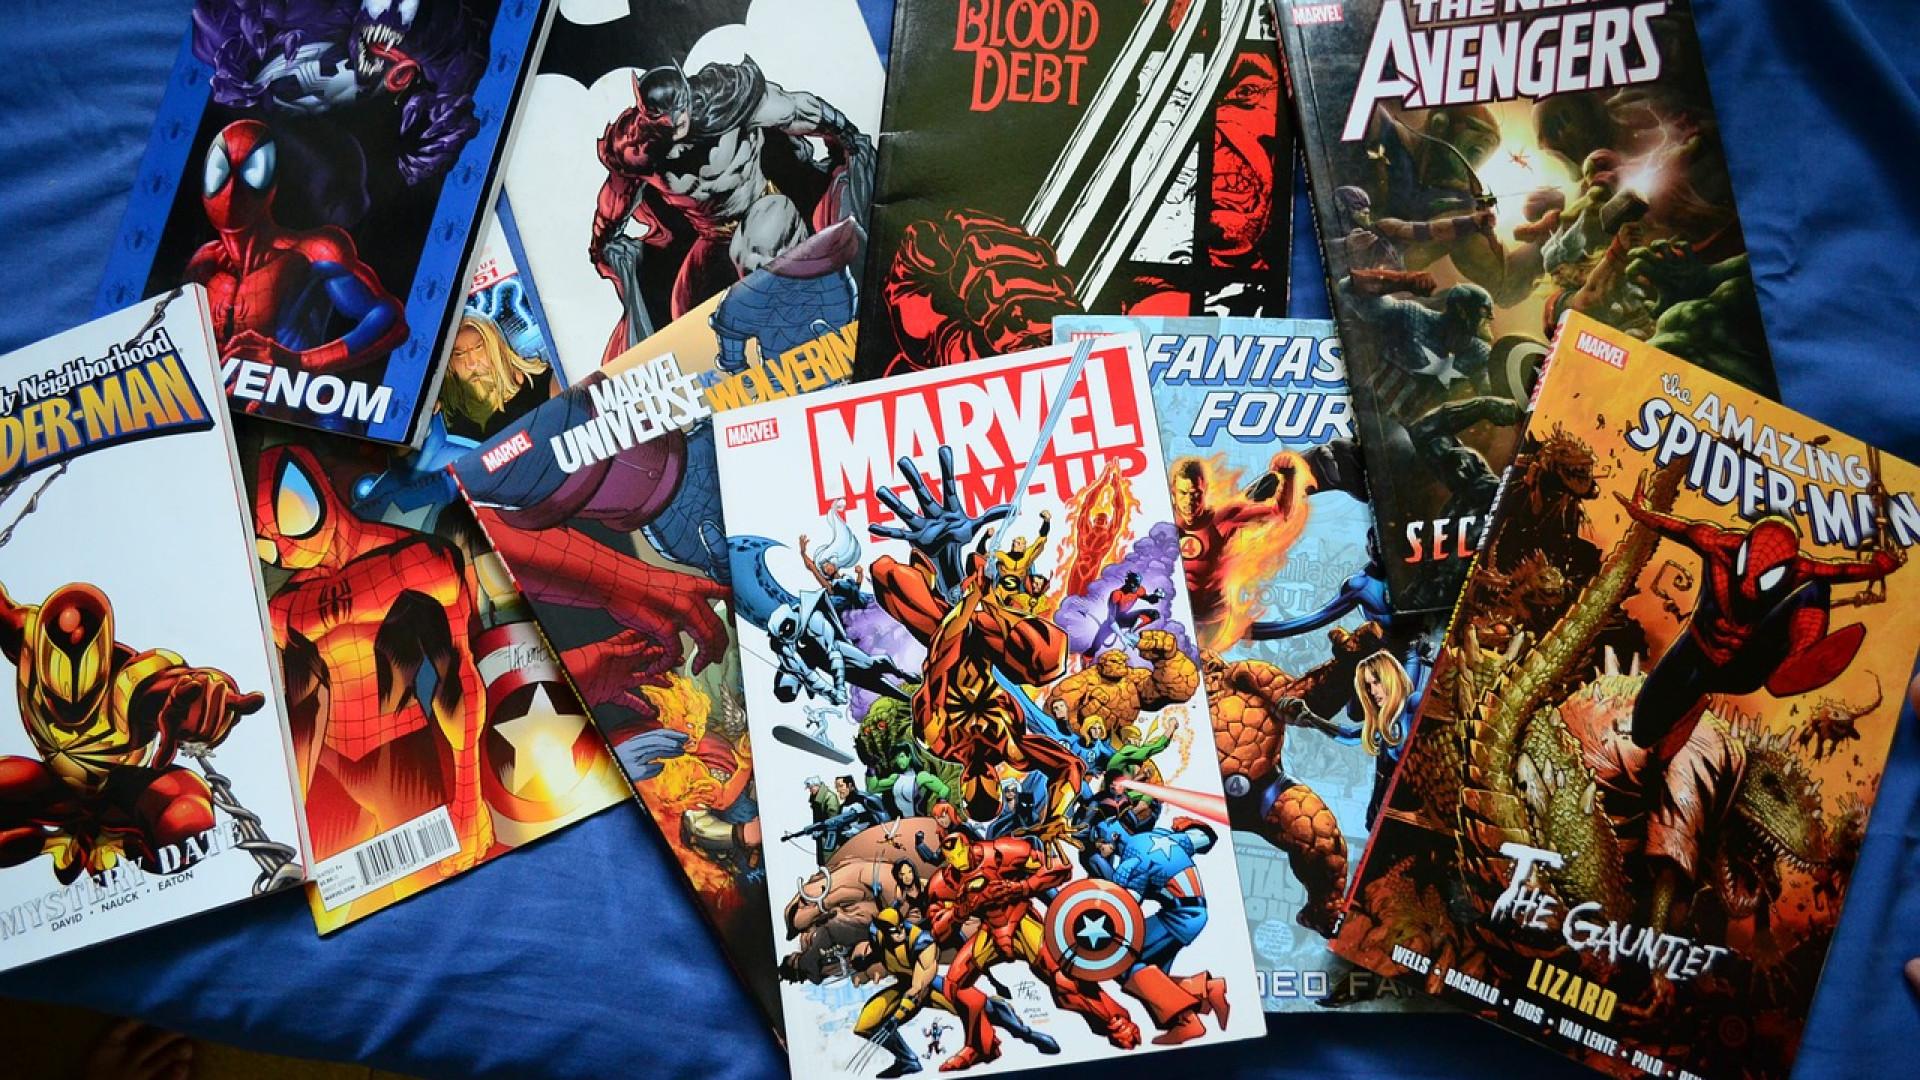 Les produits dérivés, l'empire Marvel pèse lourd